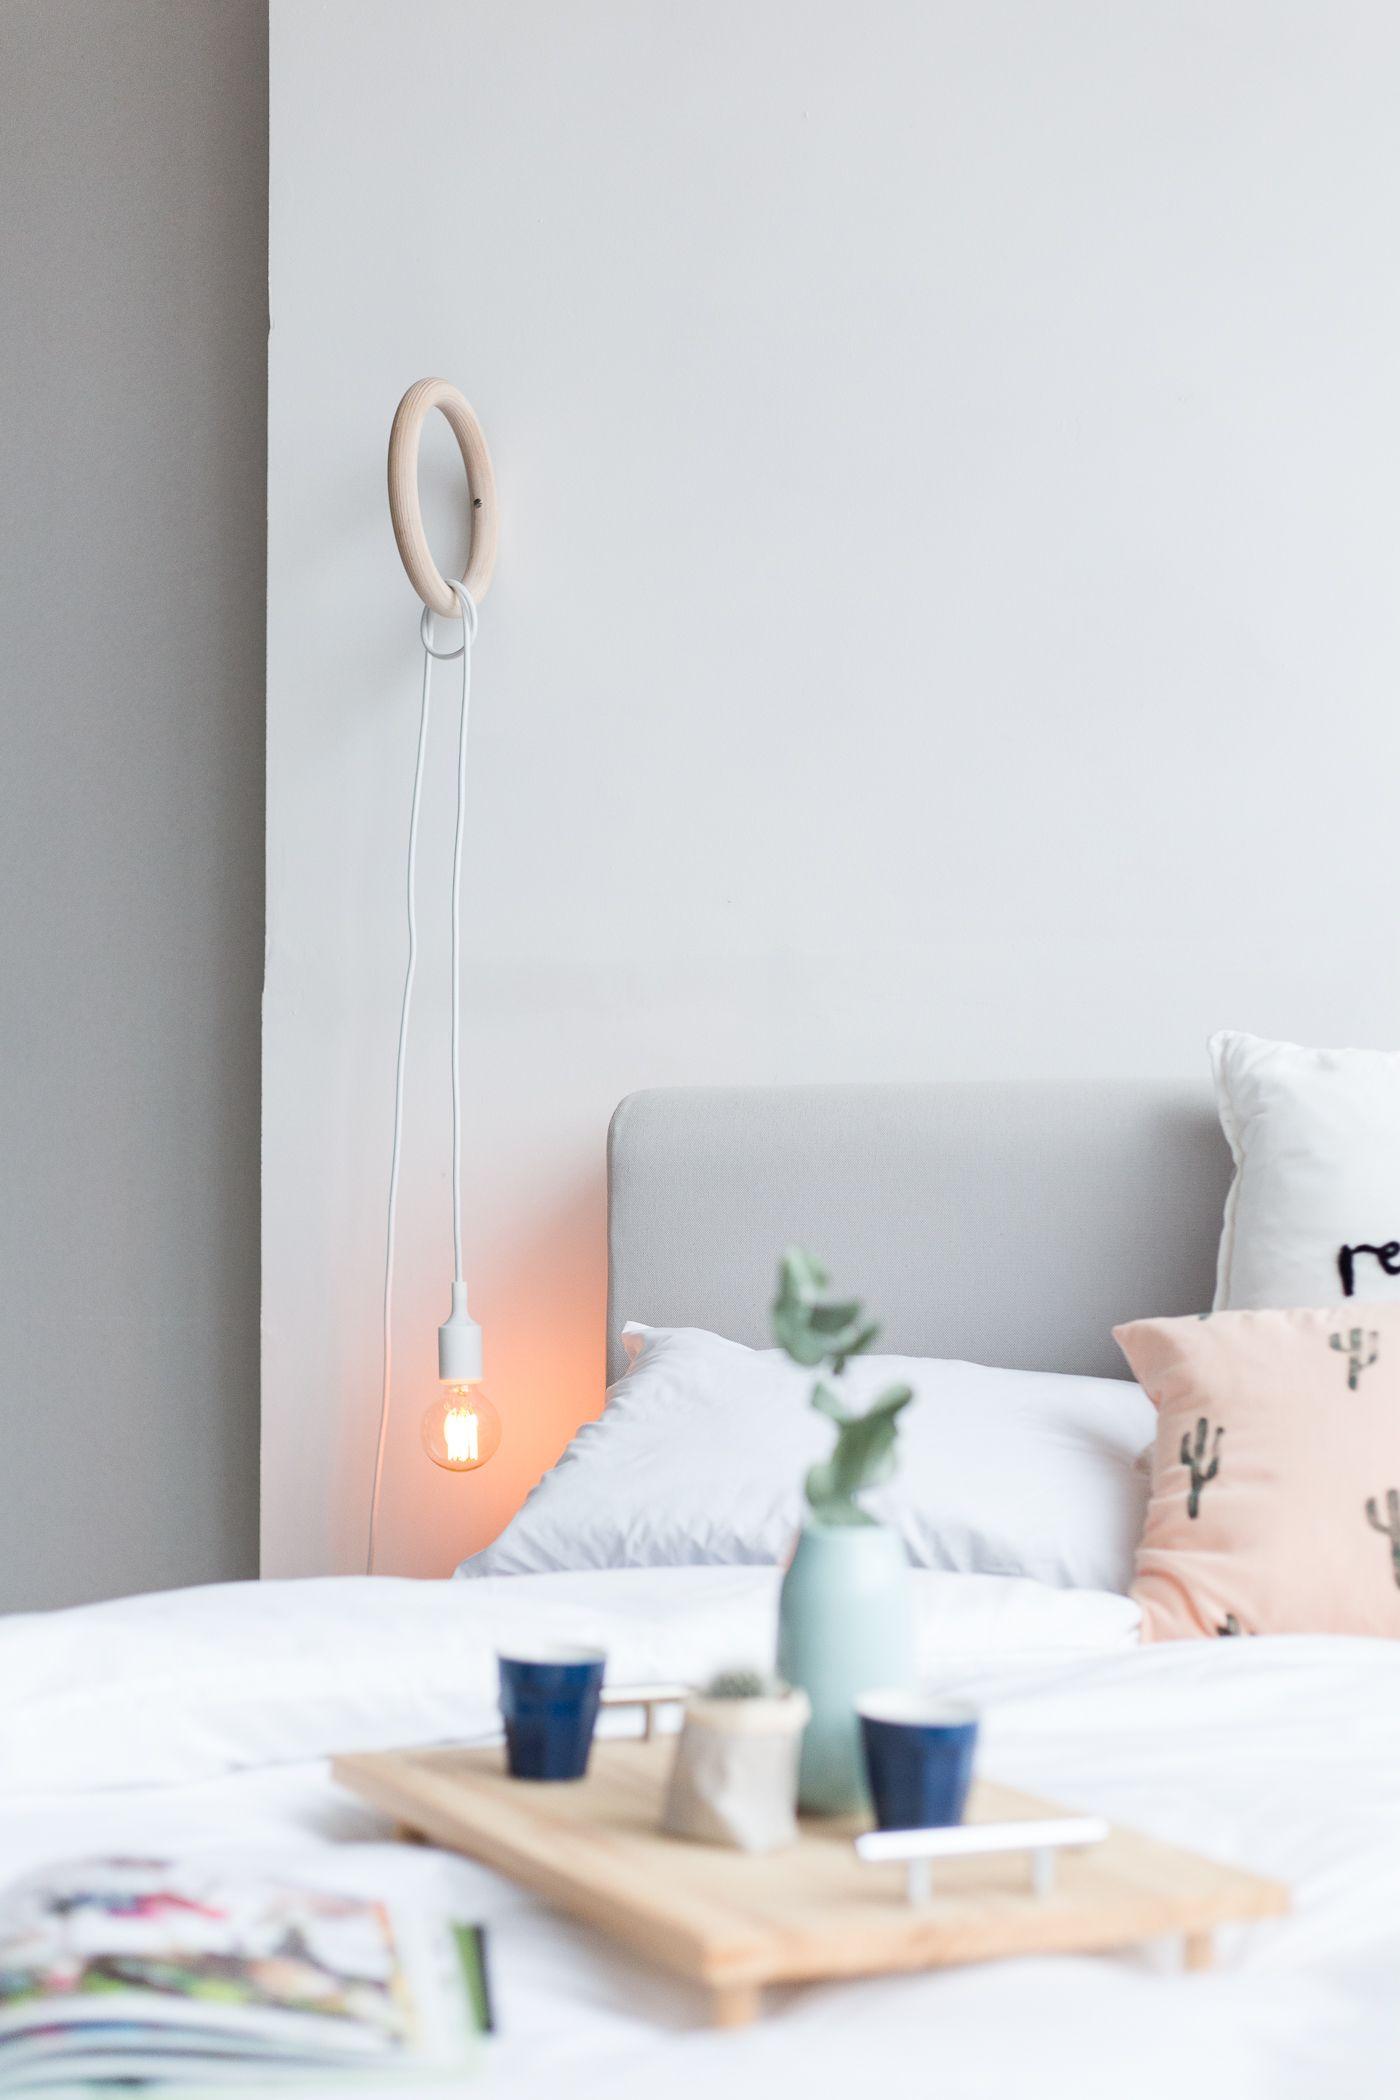 lilaliv interior design blog licht und leuchten pinterest skandinavisch wohnen diy. Black Bedroom Furniture Sets. Home Design Ideas